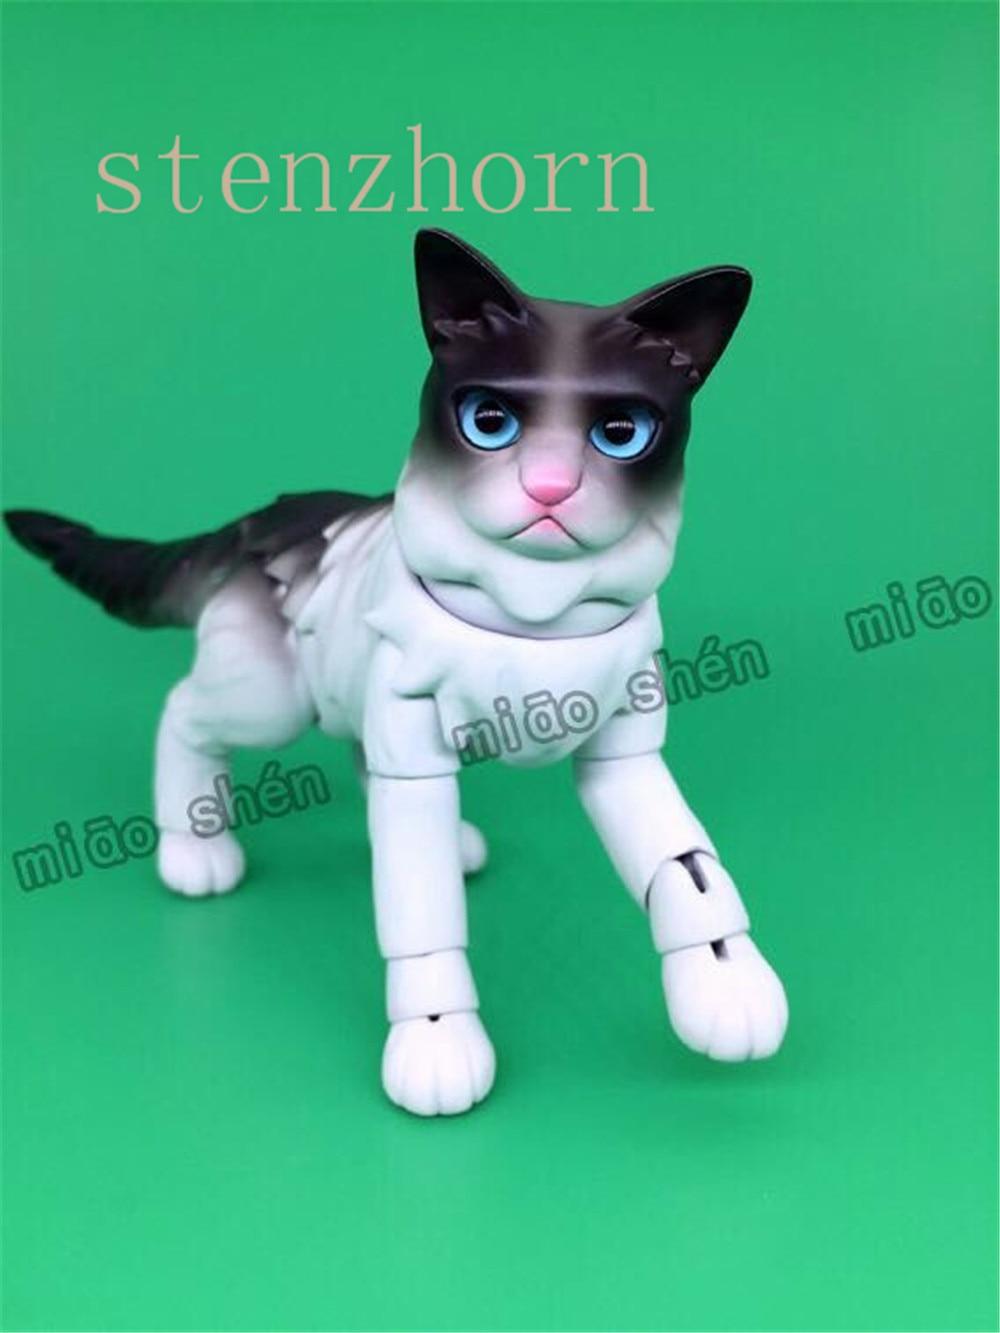 StenzhornFashion original bjddoll gato de alta calidad hecho en casa muñeca ojos libres-in Muñecas from Juguetes y pasatiempos    2